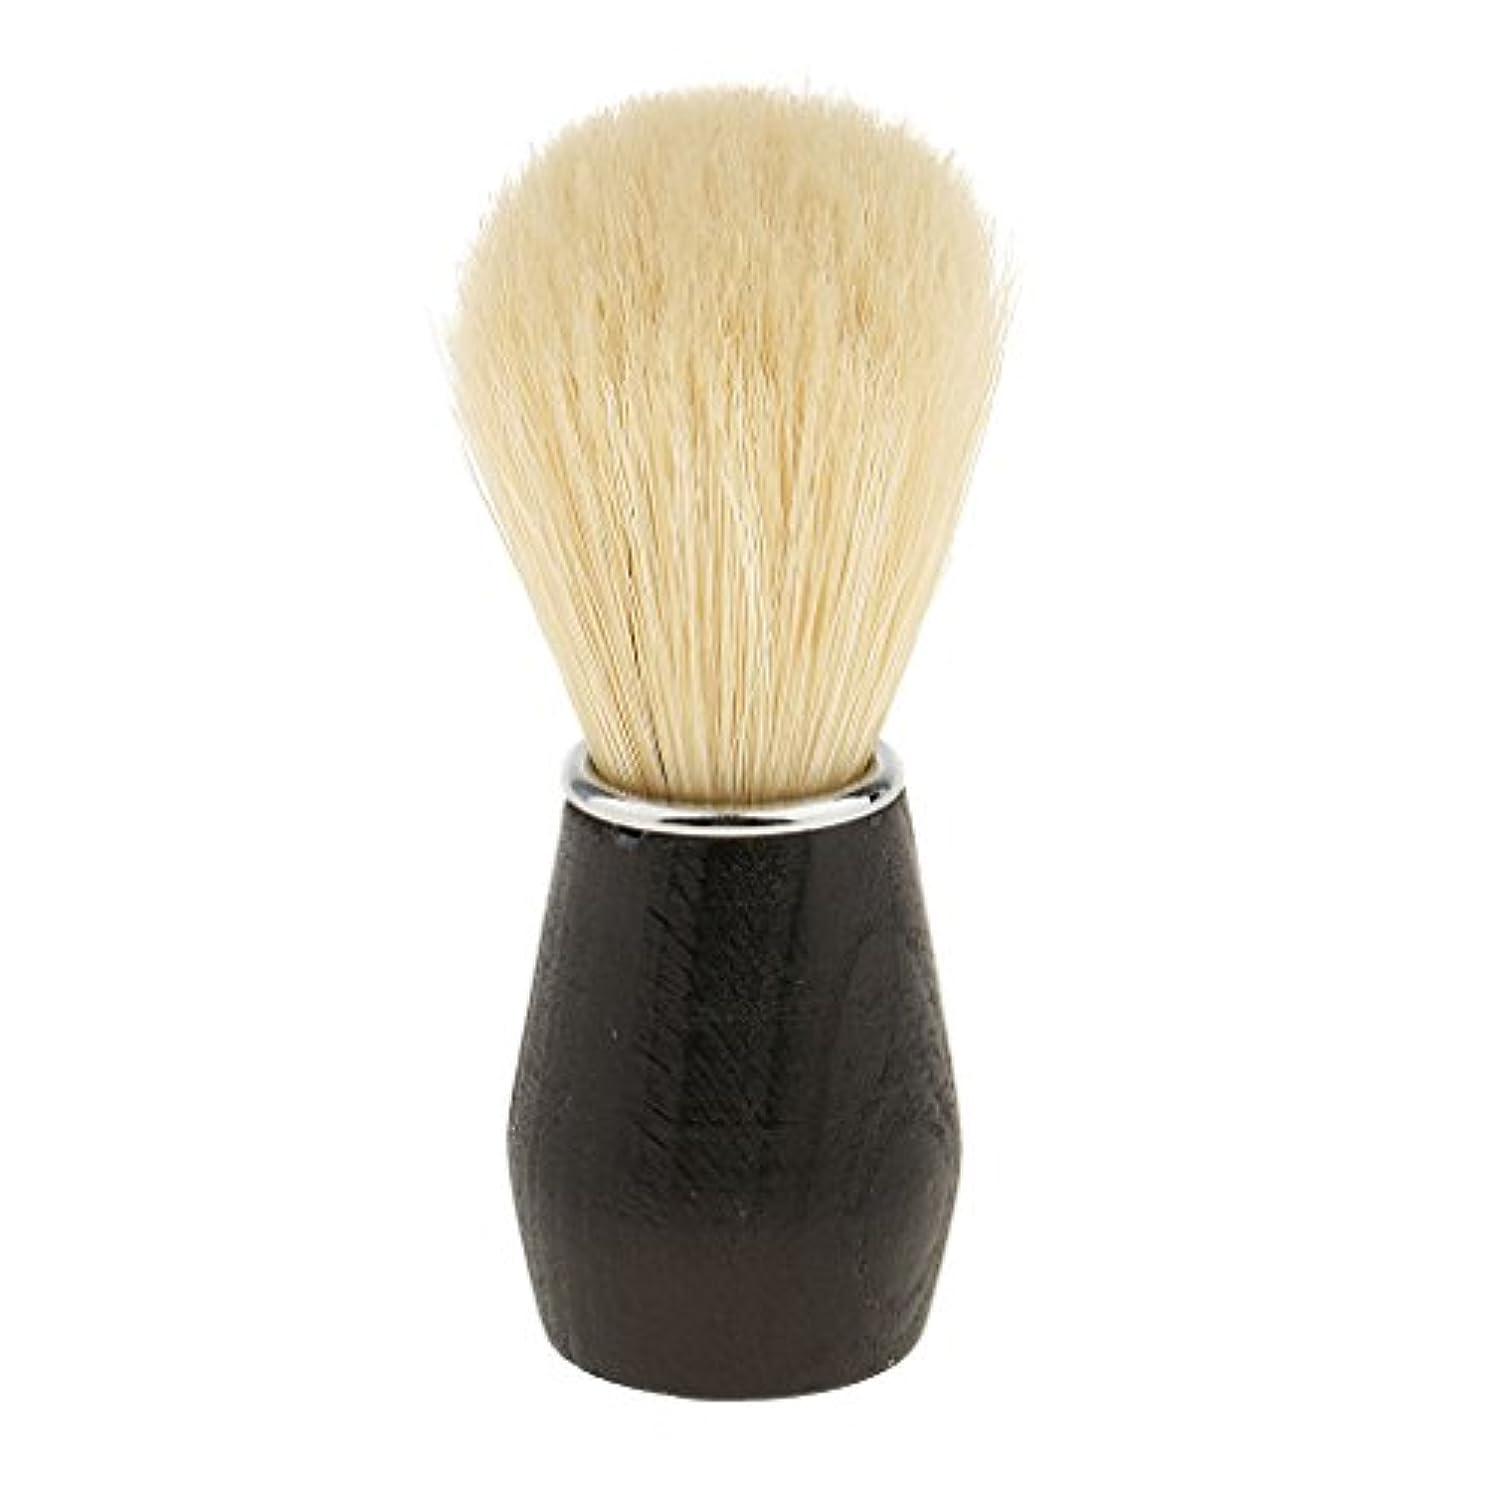 極地殺人充電Hellery ひげ剃りブラシ シェービングブラシ 毛髭ブラシ フェイシャルクリーニングブラシ プラスチックハンドル